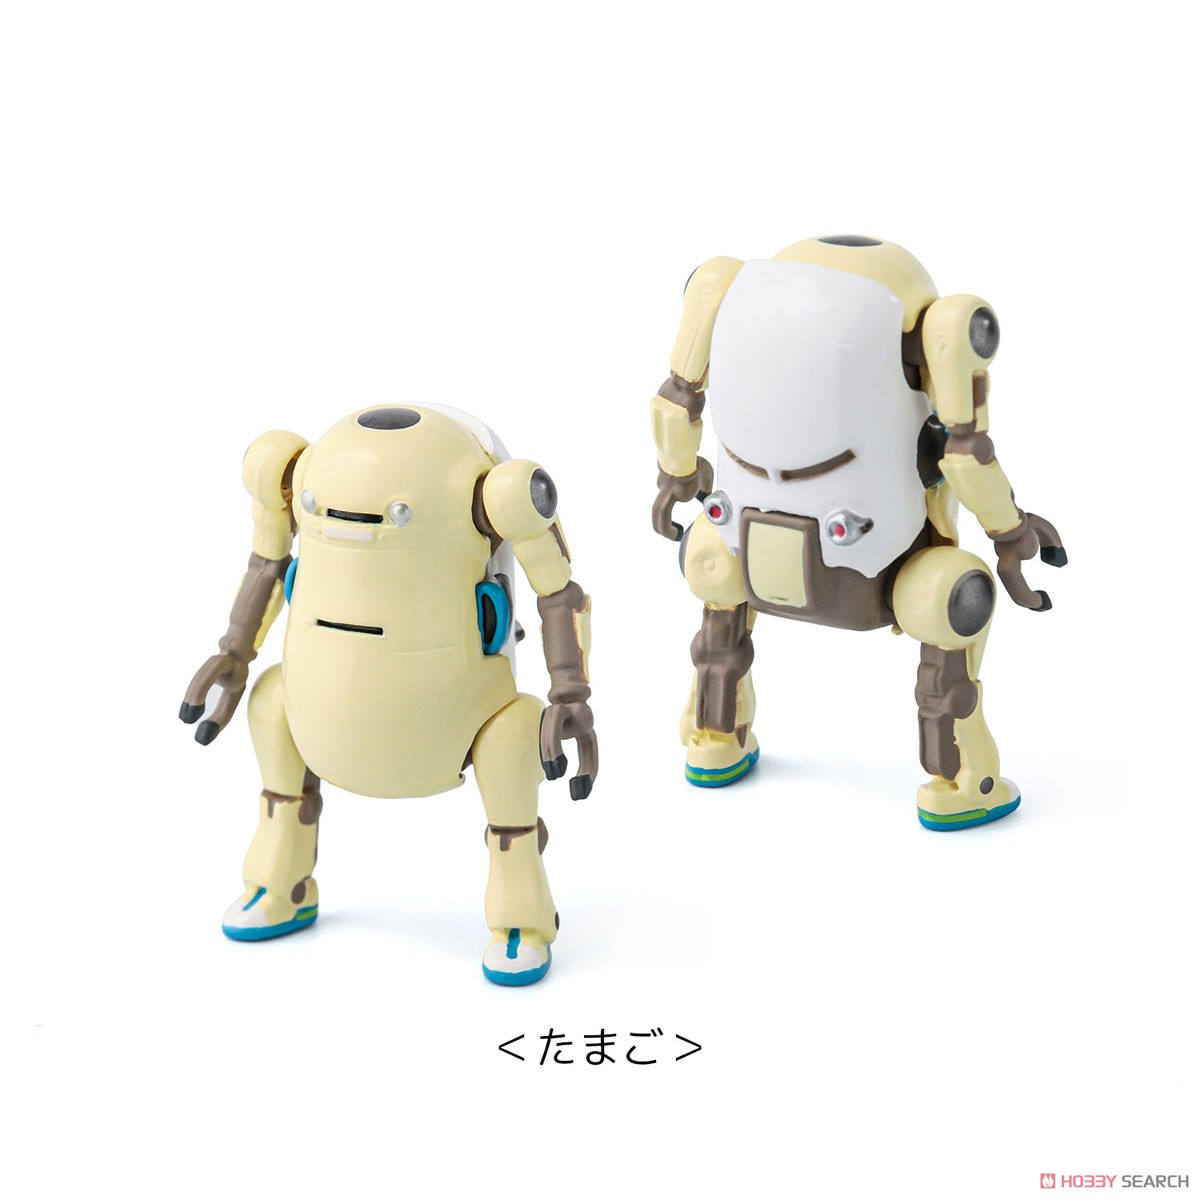 メカトロウィーゴ『タイニー メカトロウィーゴ3』6個入りBOX-006